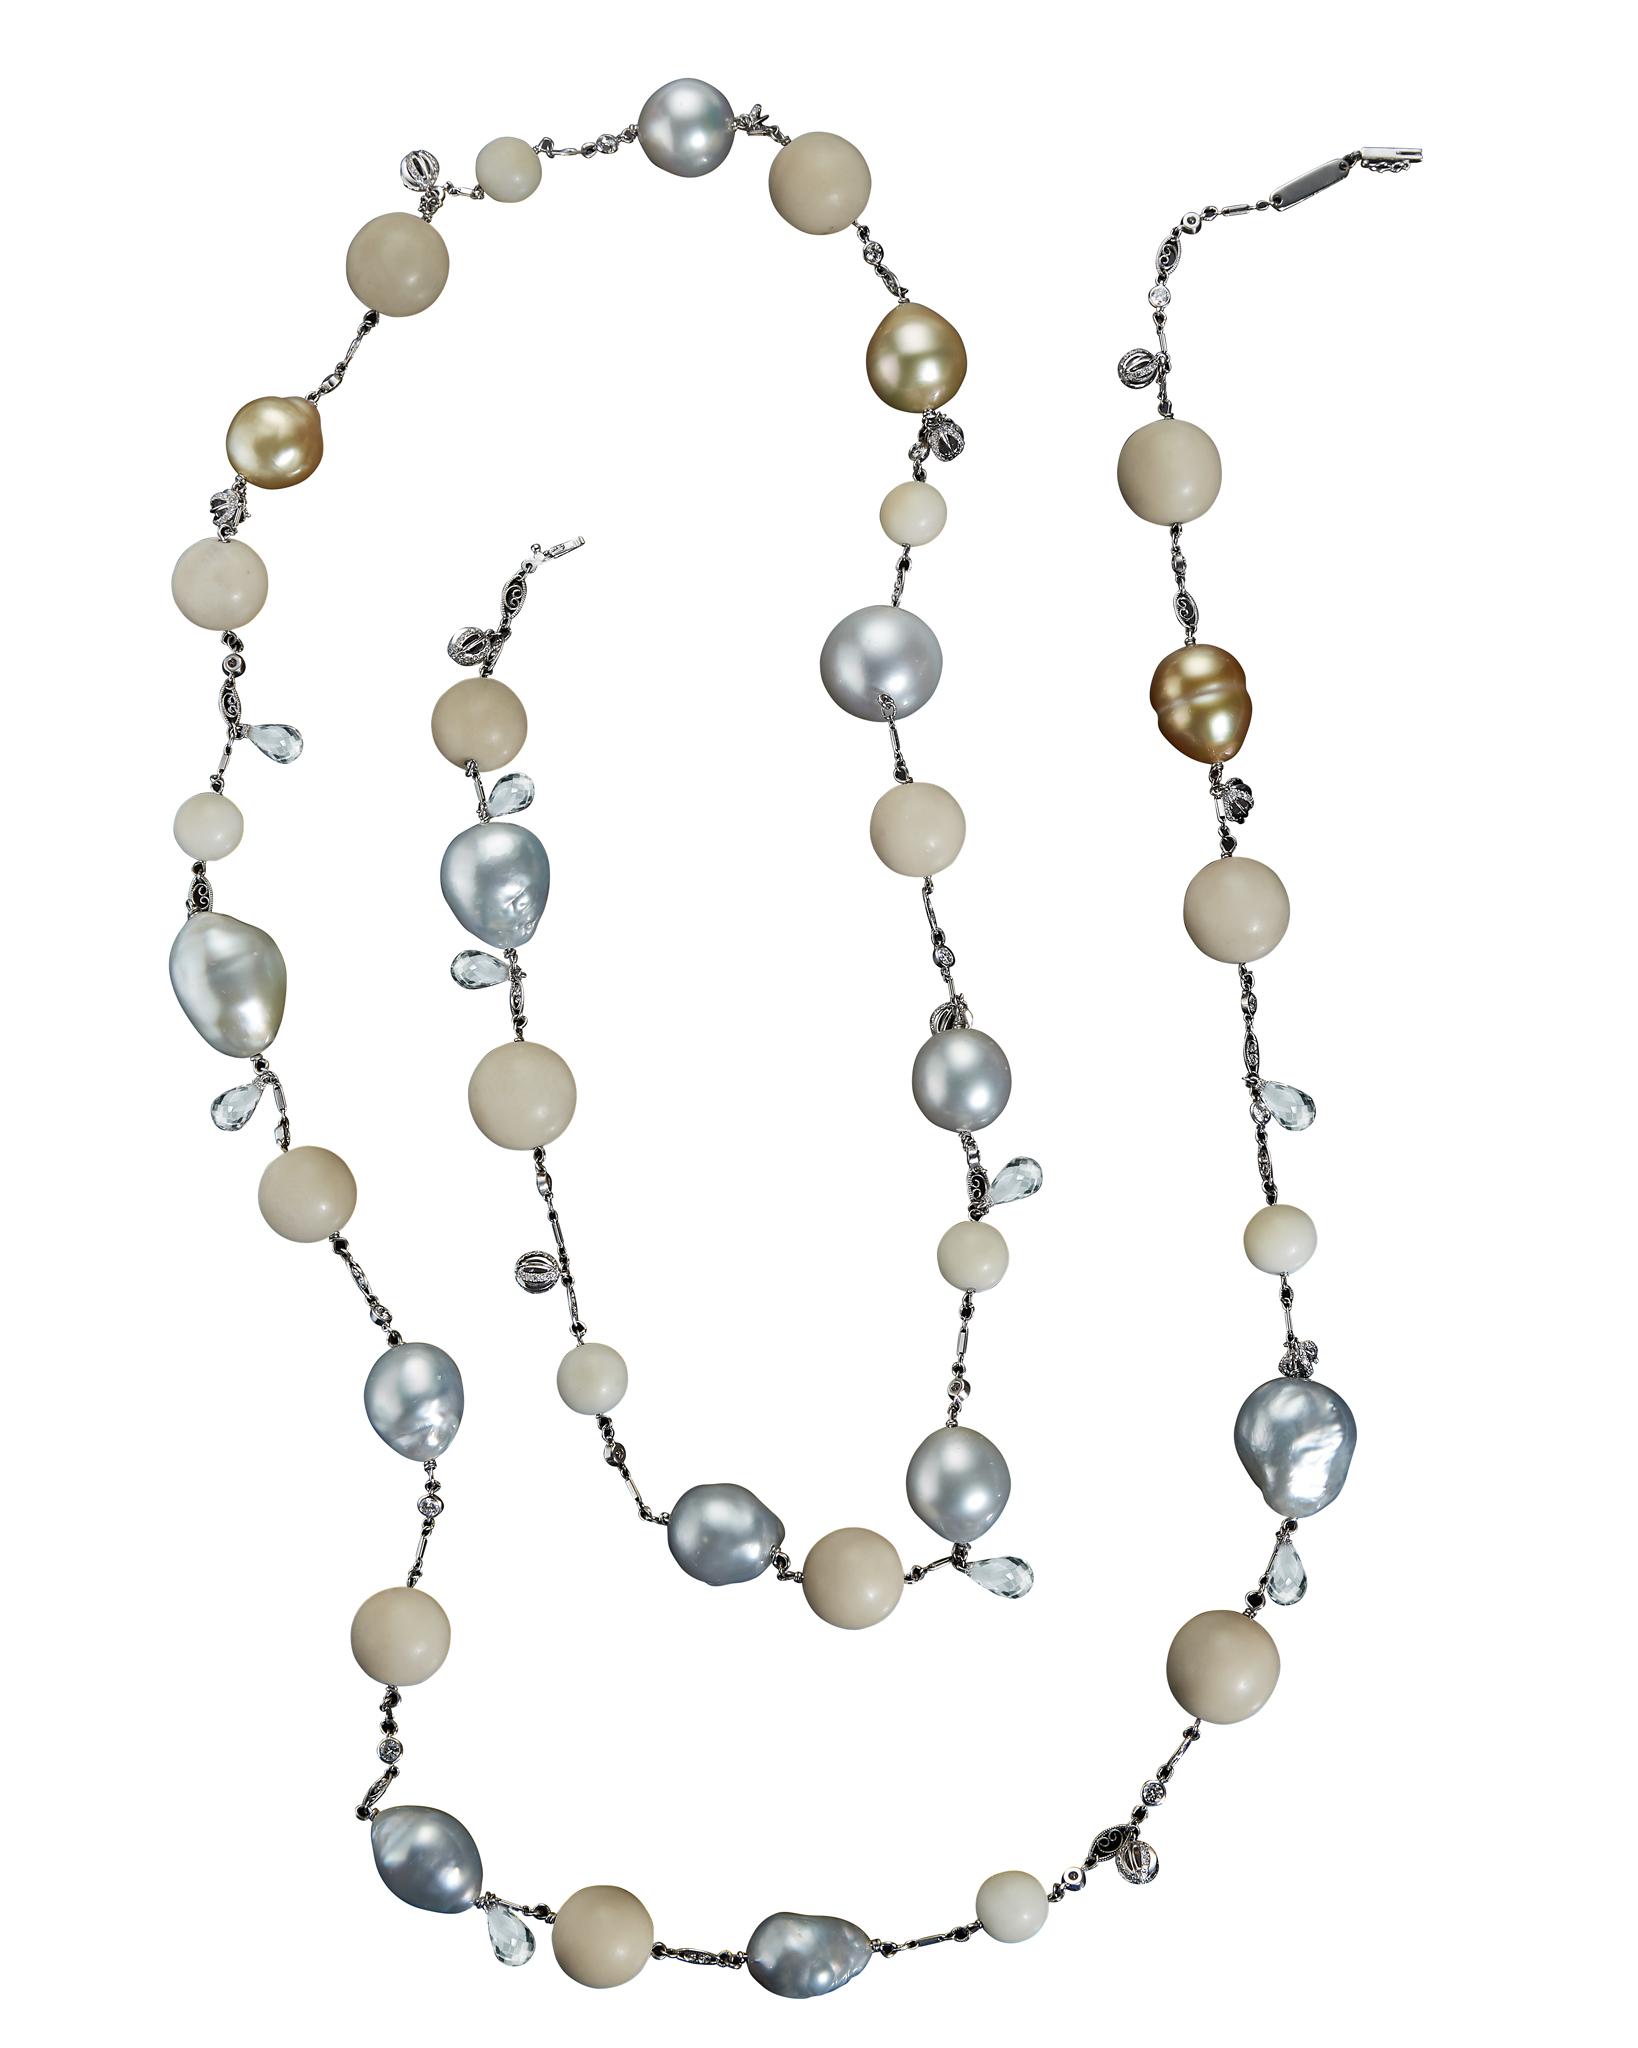 Alexandra Mor necklace